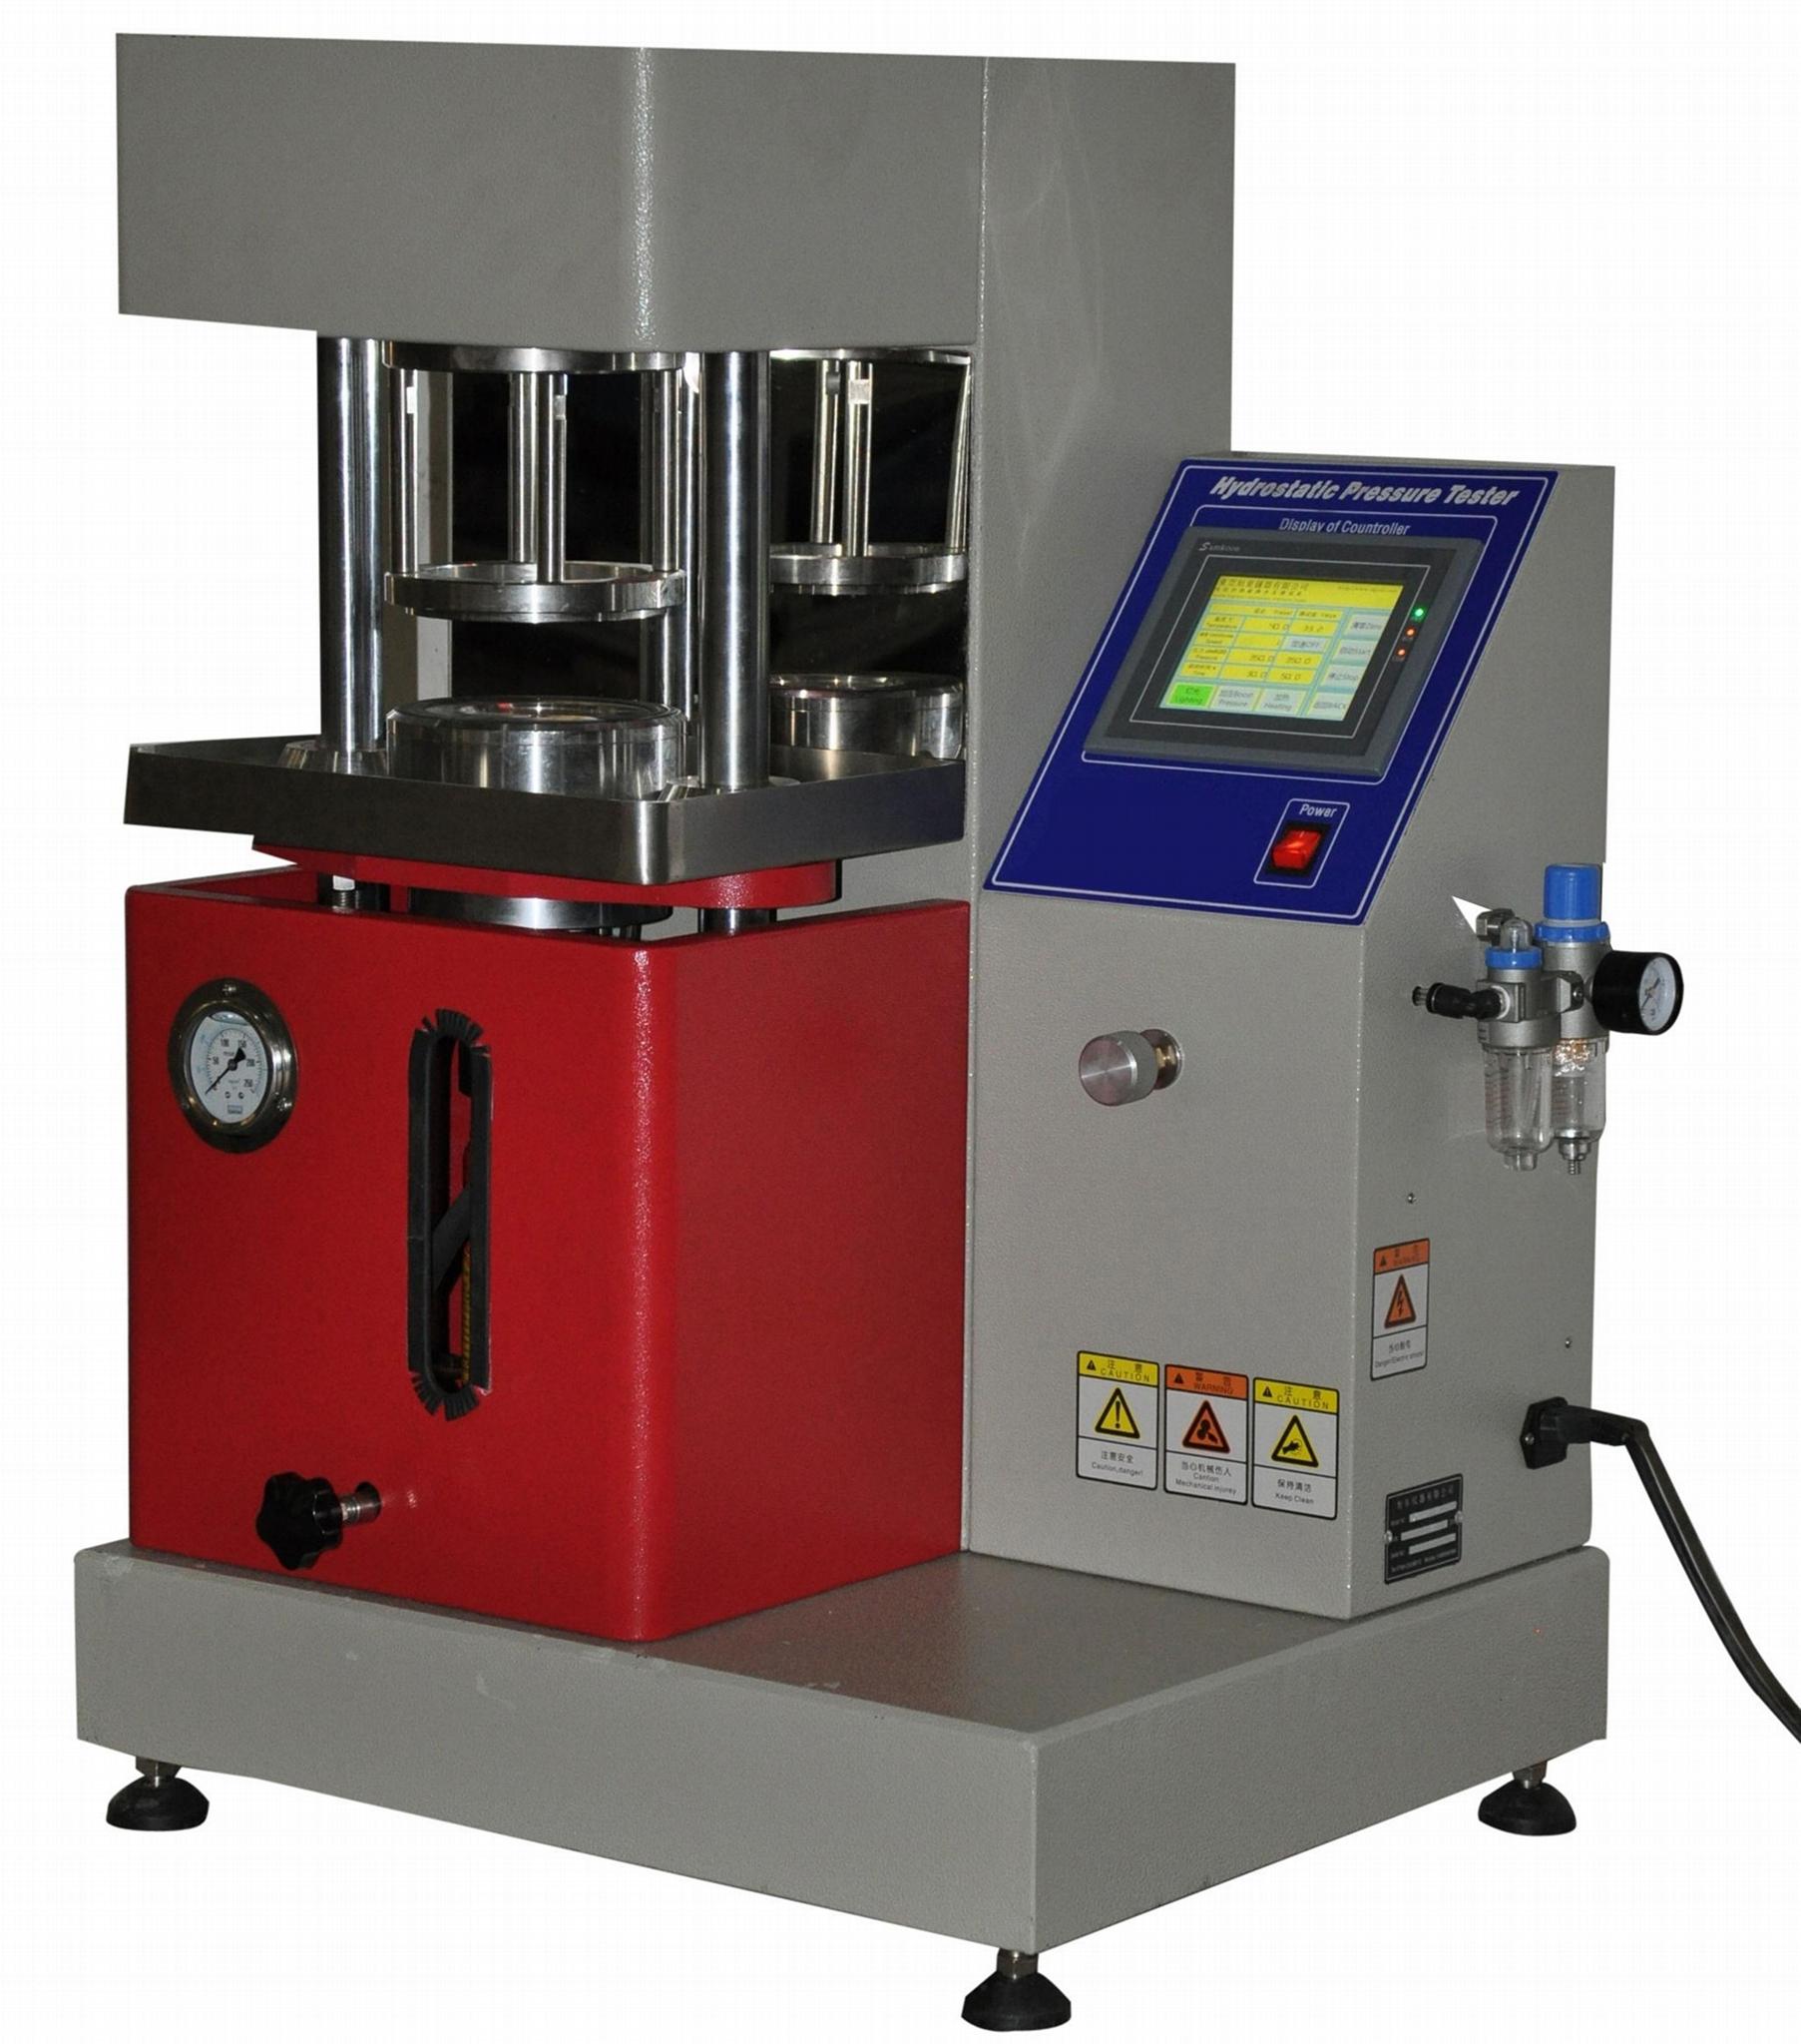 超高壓耐靜水壓測試儀,超高壓抗滲水性測定儀GB/T 4744廠家直供 1